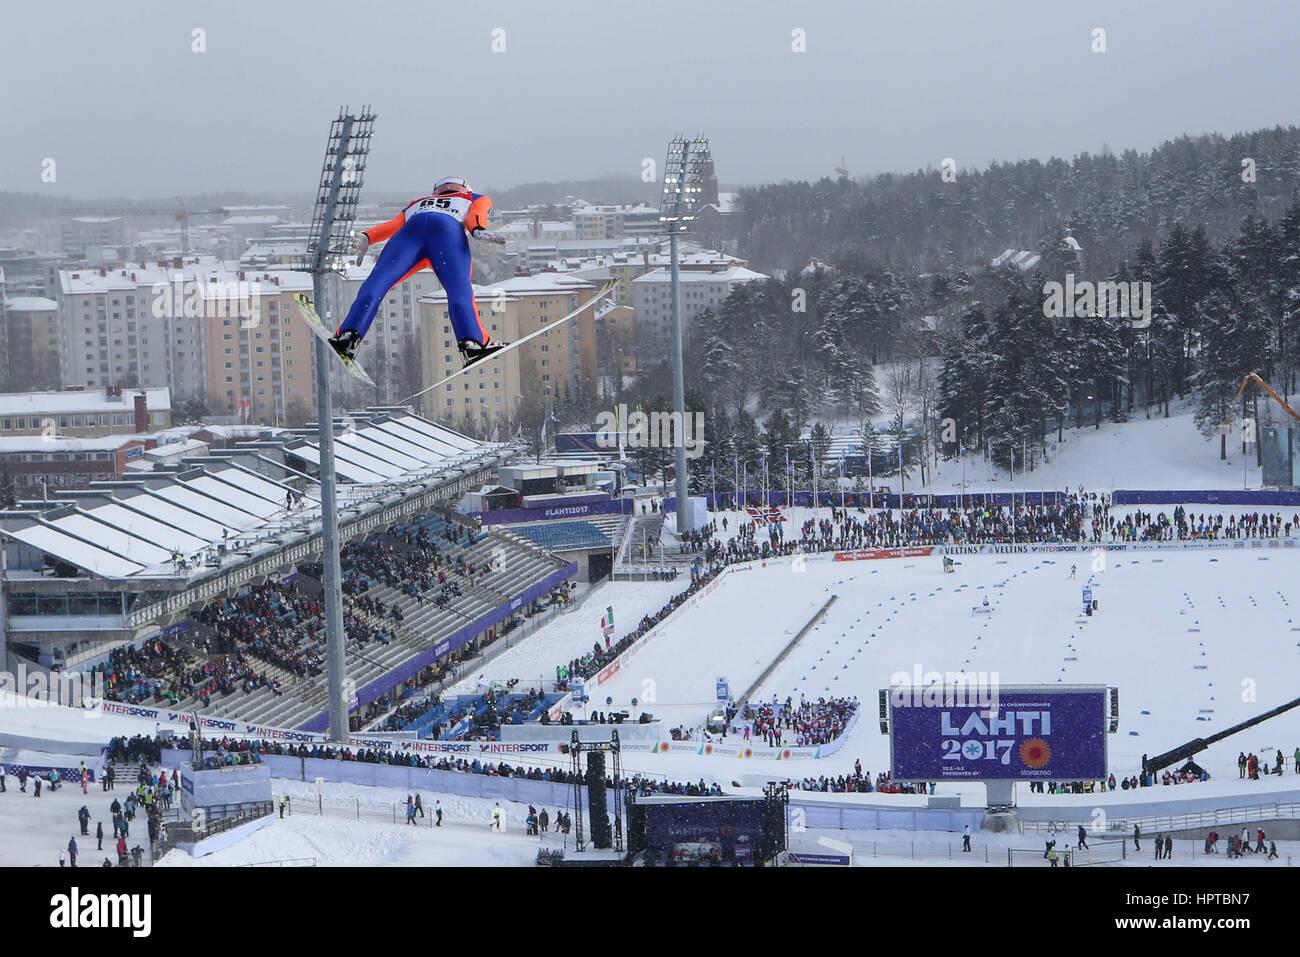 Lahti, Finlandia. 24 Feb, 2017. 24.02.2017 Lahti Stefan Kraft (AUT), campeonatos de Esquí Nórdico FIS, saltos de Foto de stock